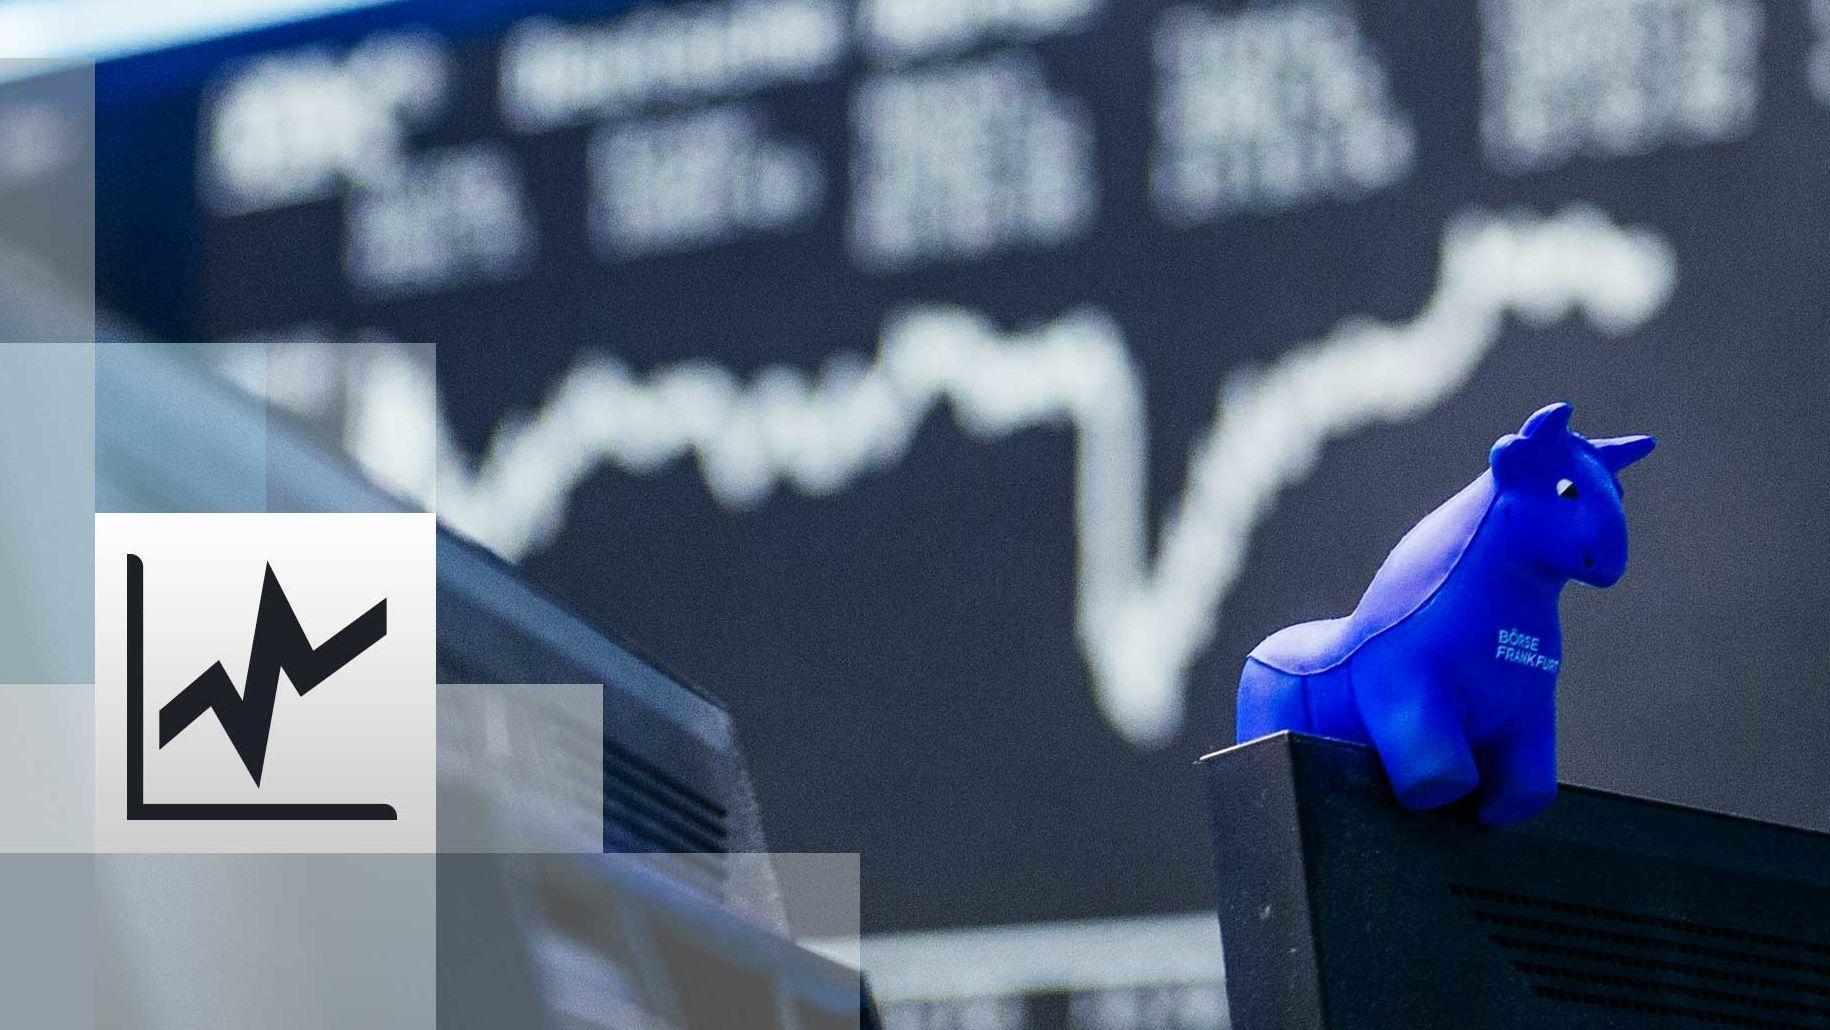 Hintergrund die Kurstafel der Börse